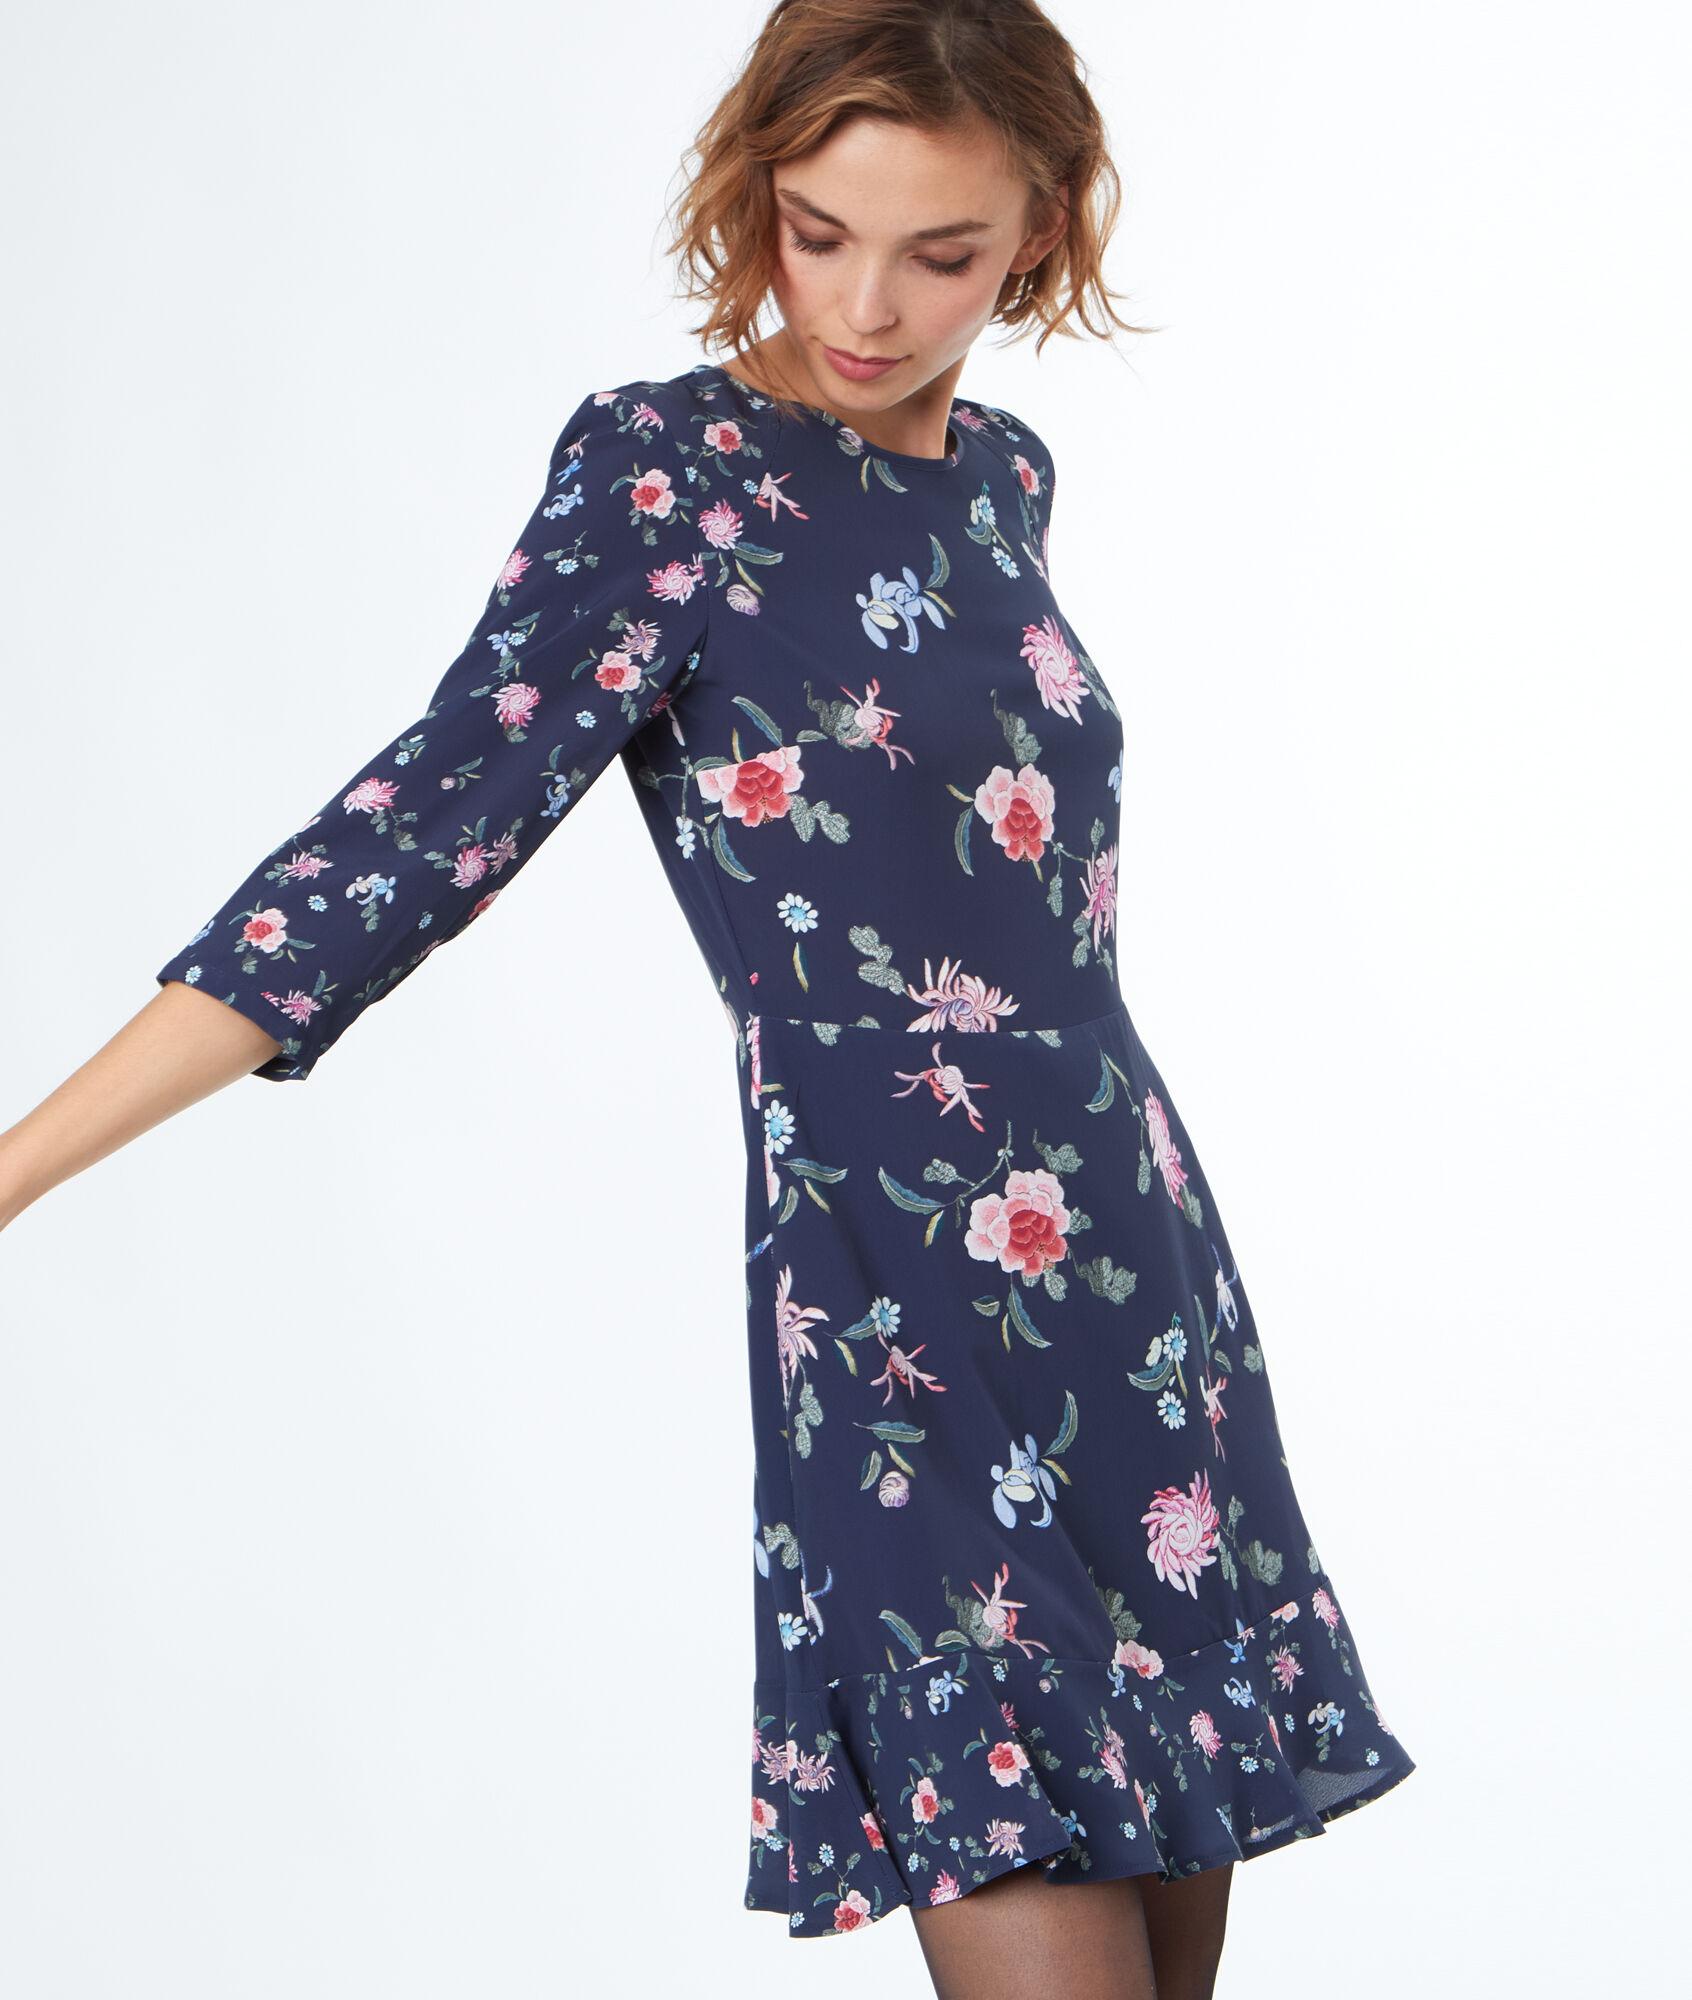 9254c88893387 Robe imprimée fleurs - KIARA - BLEU MARINE - Etam